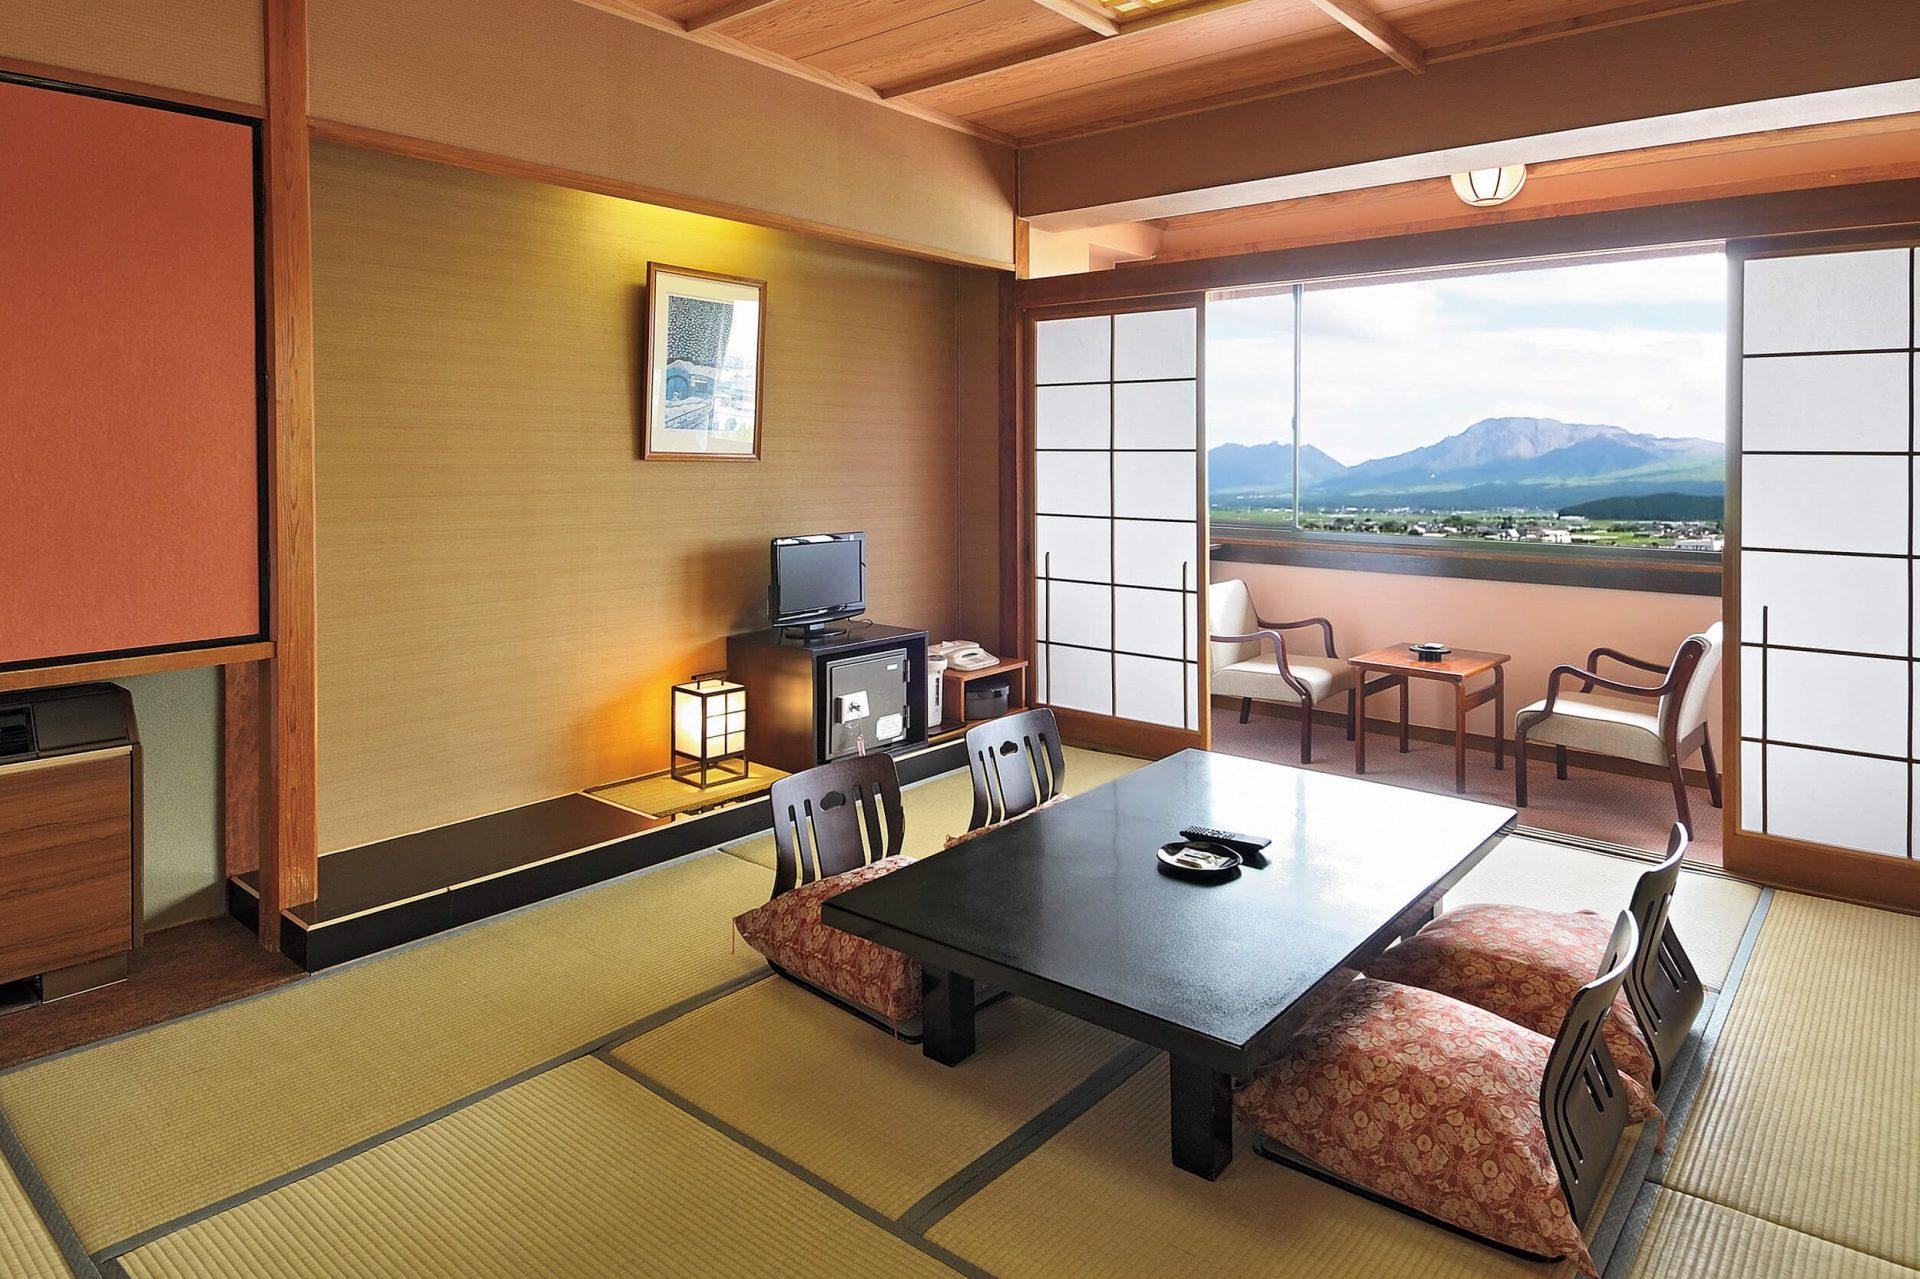 阿蘇プラザホテル 熊本 絶景 景色 自然 九州 旅行 観光 おすすめ